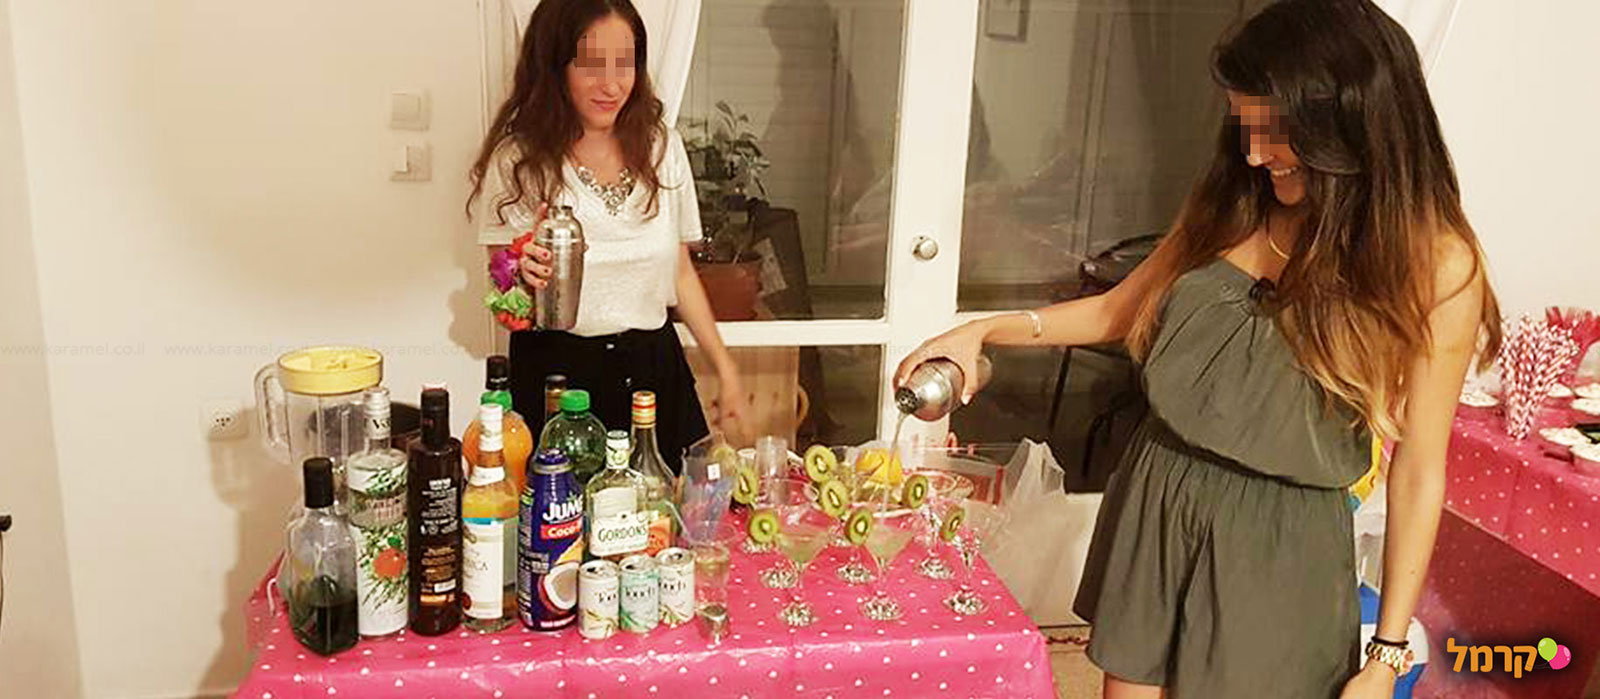 חגיגת קוקטיילים ומשחקי אלכוהול - 073-7025415